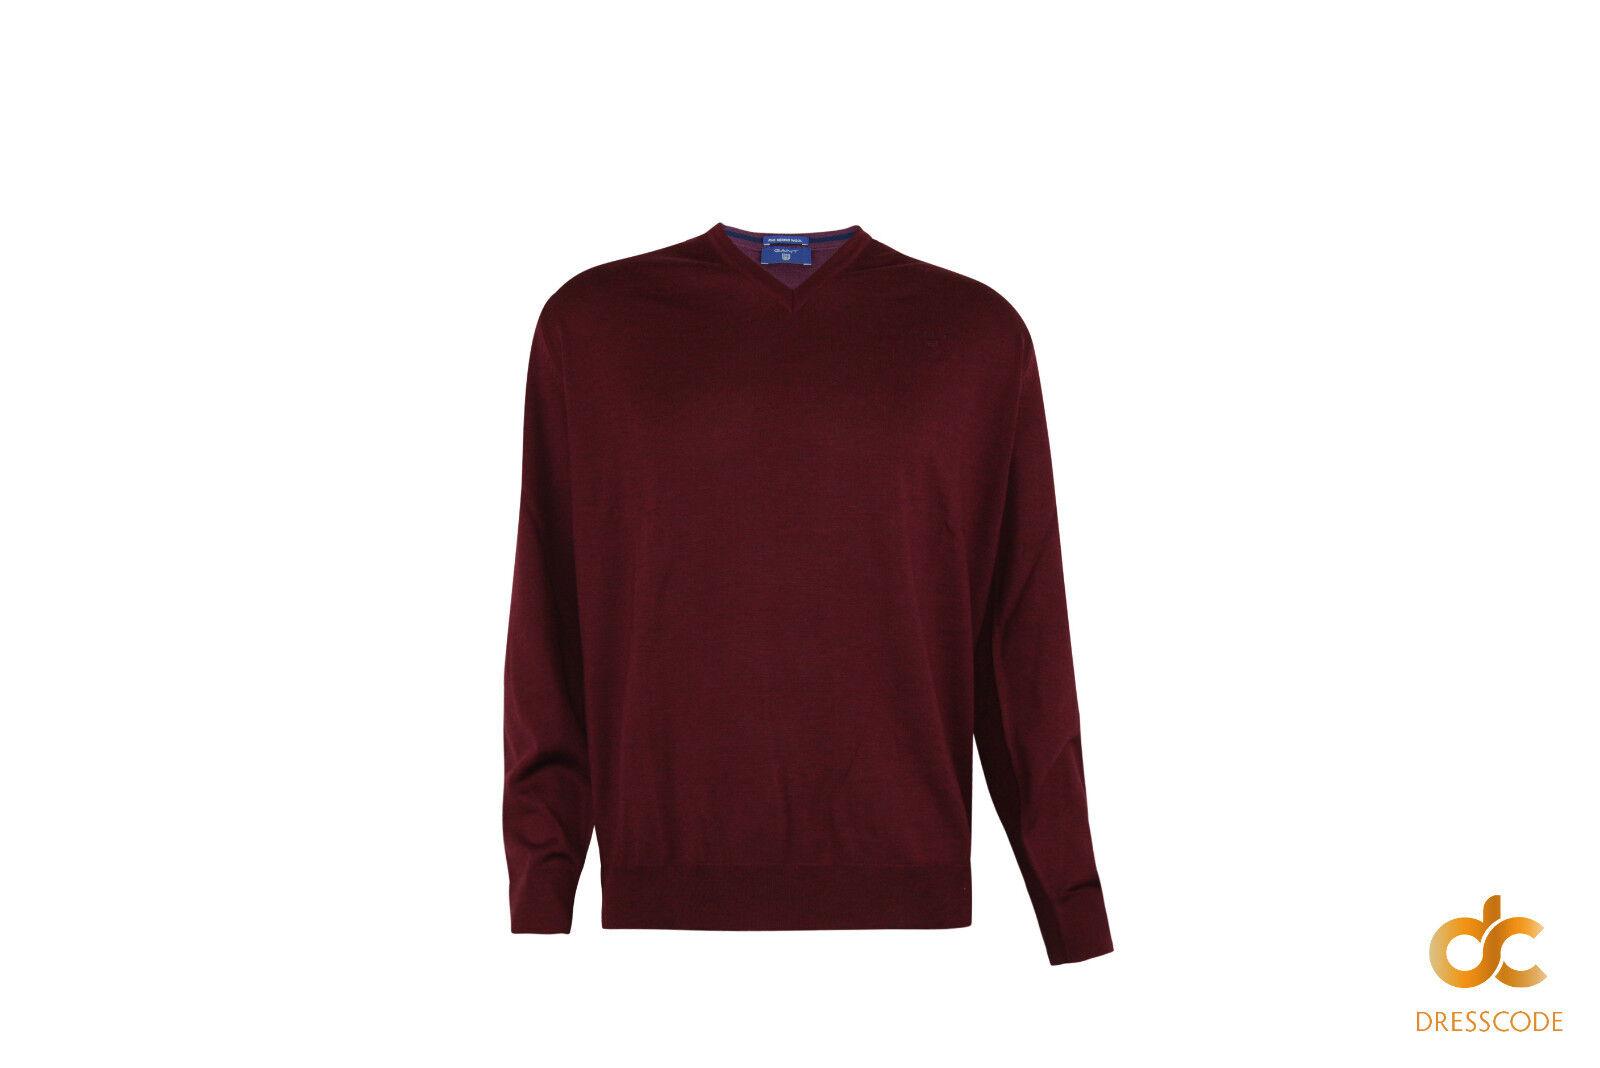 GANT Pullover Merinowolle Herren V-Ausschnitt Bordeauxrot 2XL 3XL 4XL Übergroßen